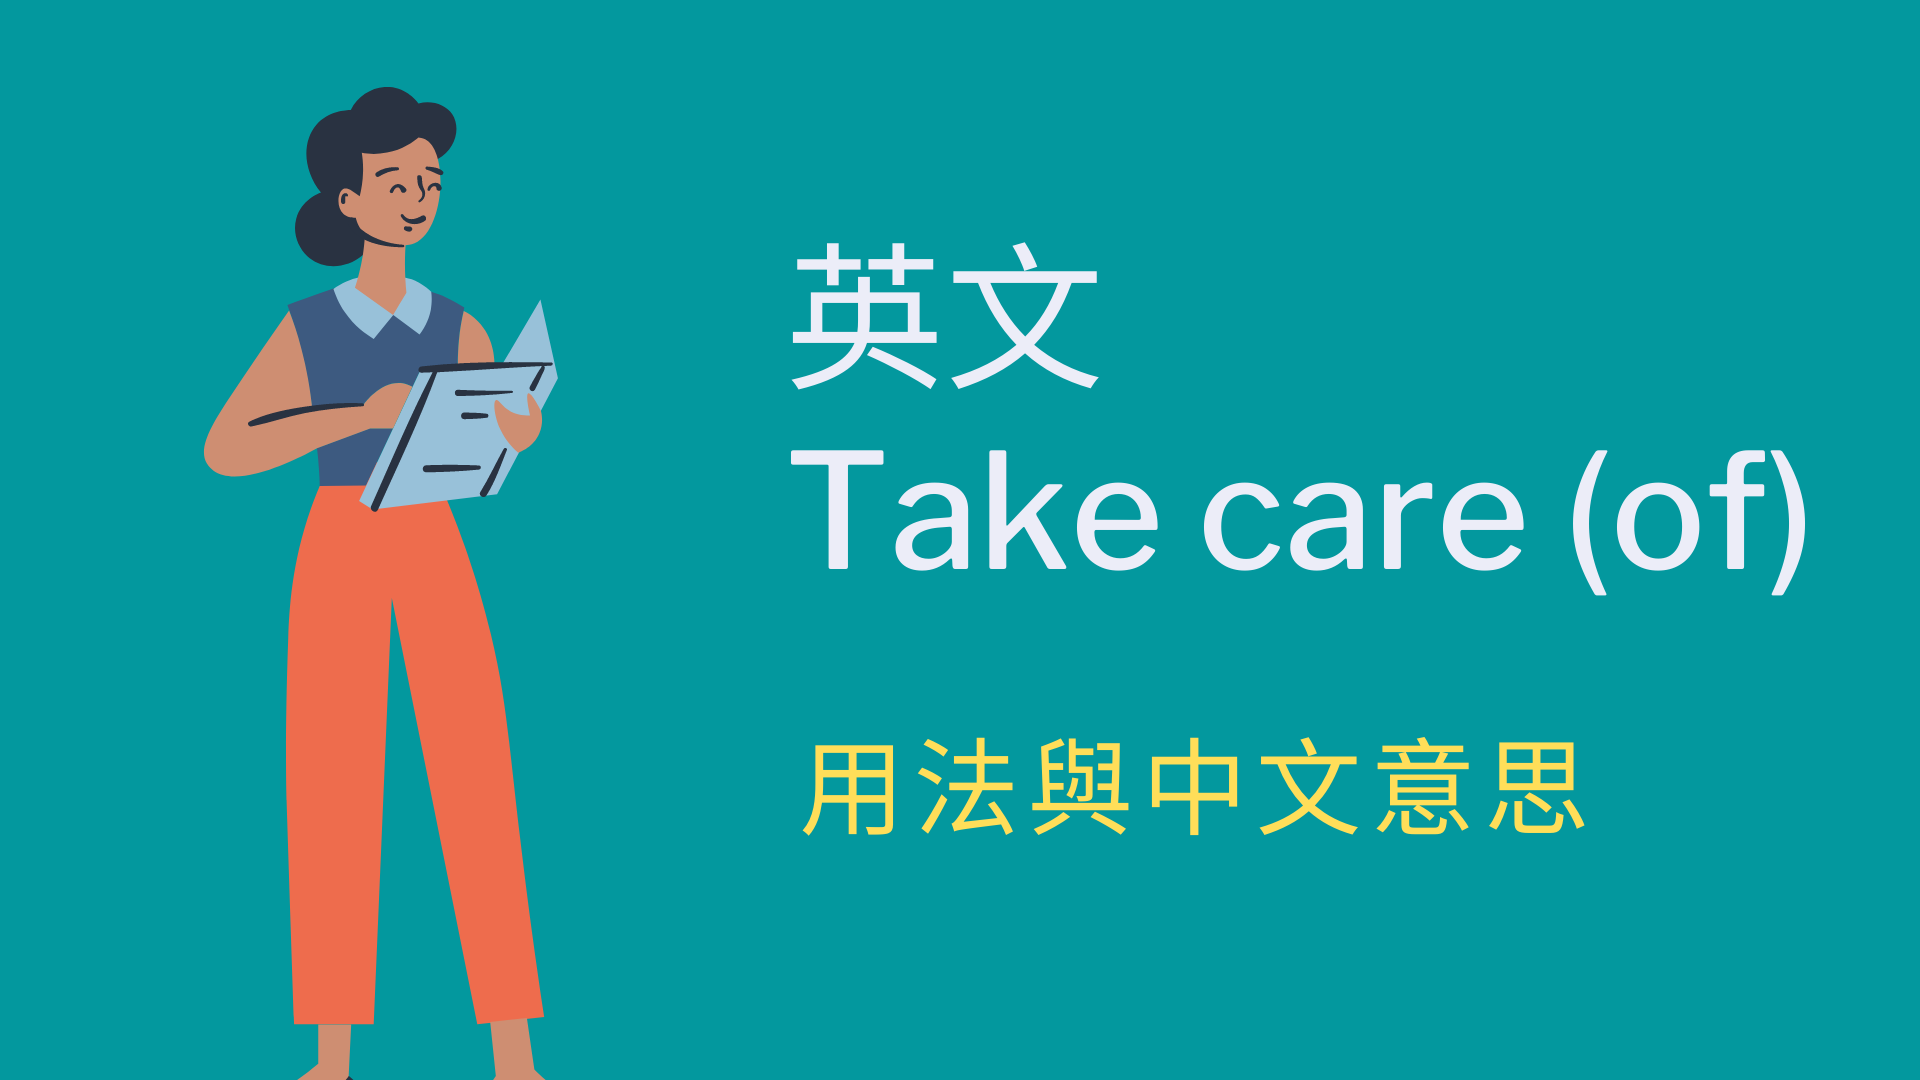 英文 Take care (of) 用法與中文意思!看例句一次搞懂